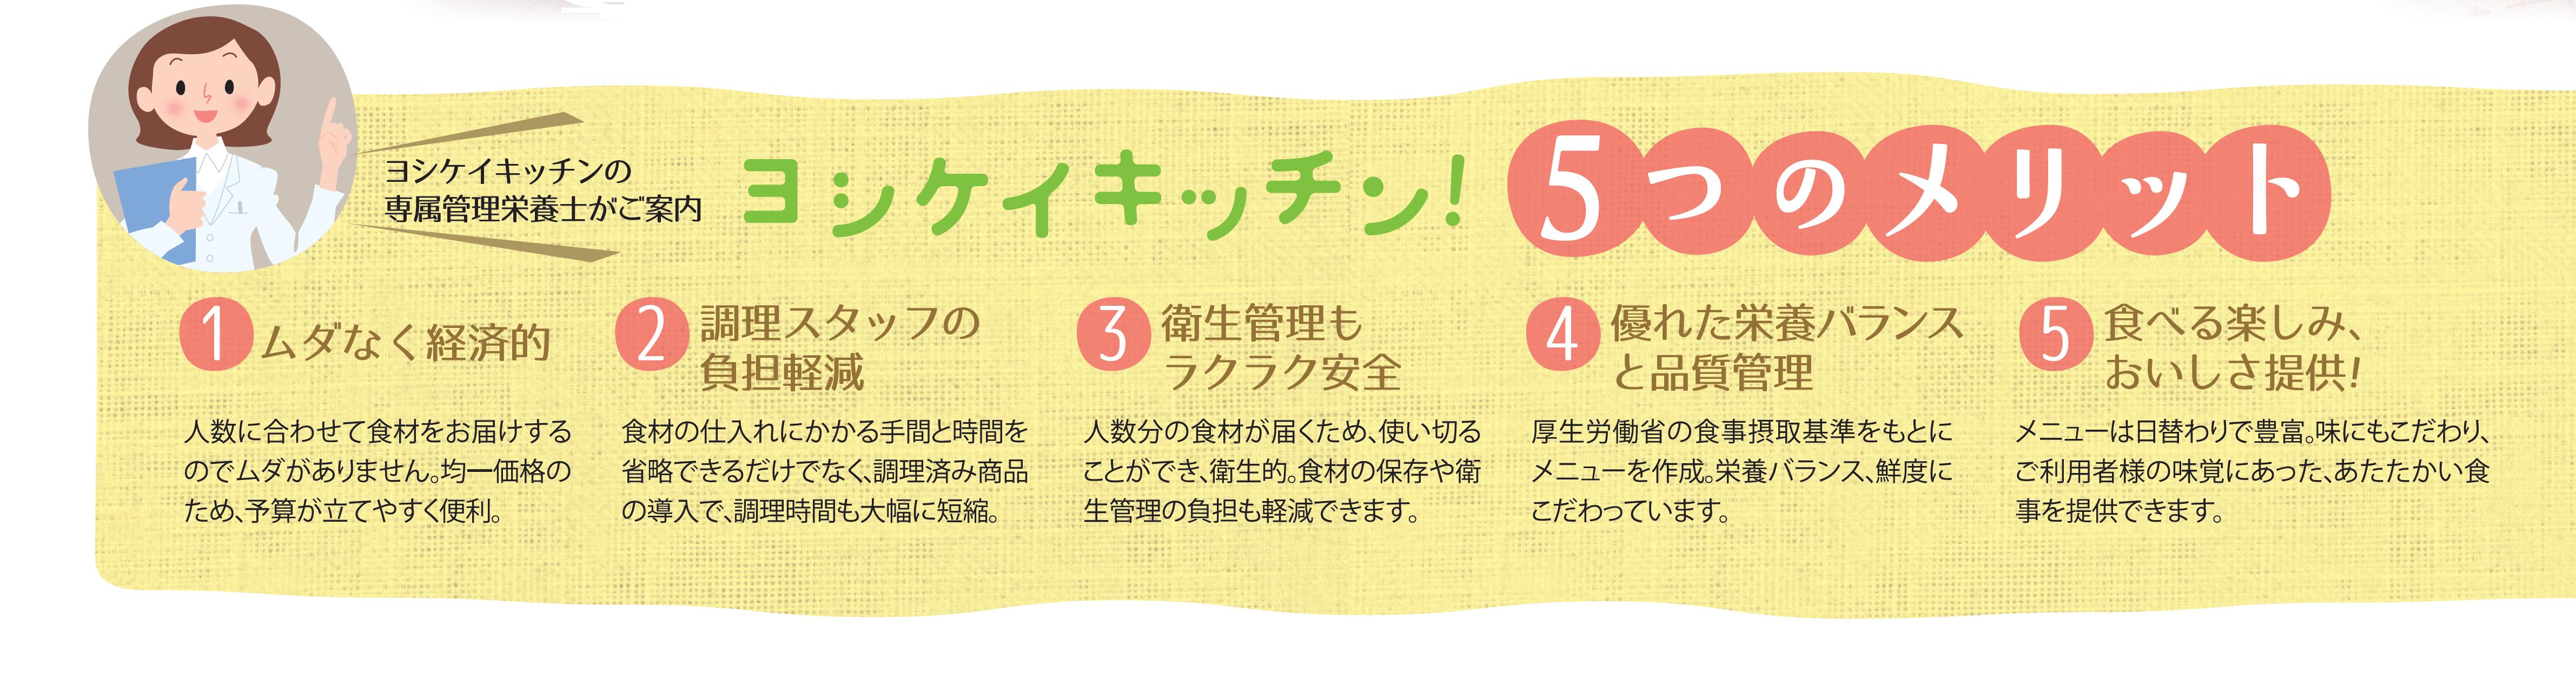 キッチン5つのメリット.png